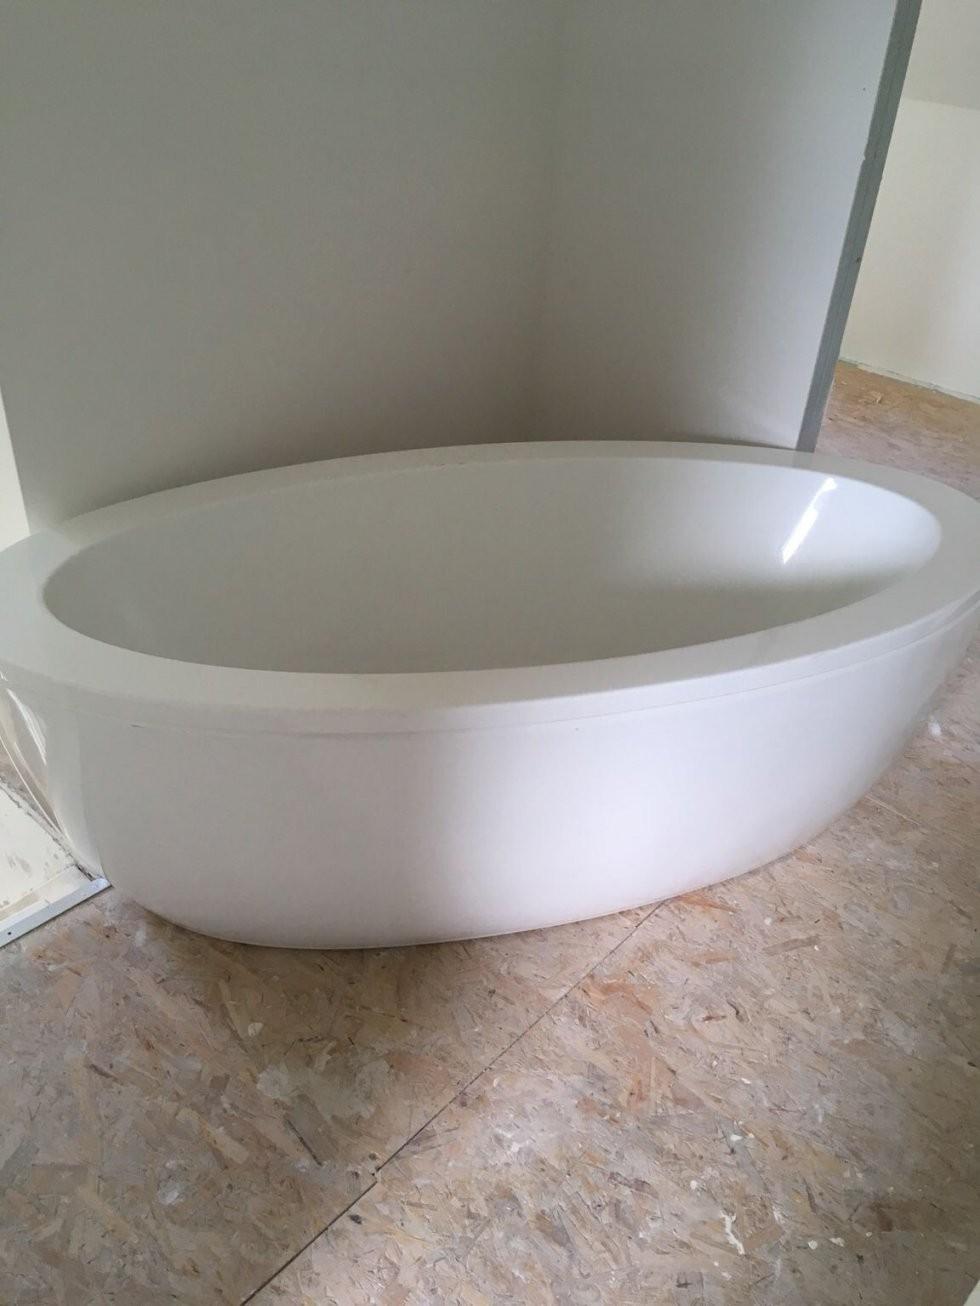 Kreativ Freistehende Badewanne Gebraucht Kaufen Amazing Interior von Freistehende Badewanne Gebraucht Kaufen Bild